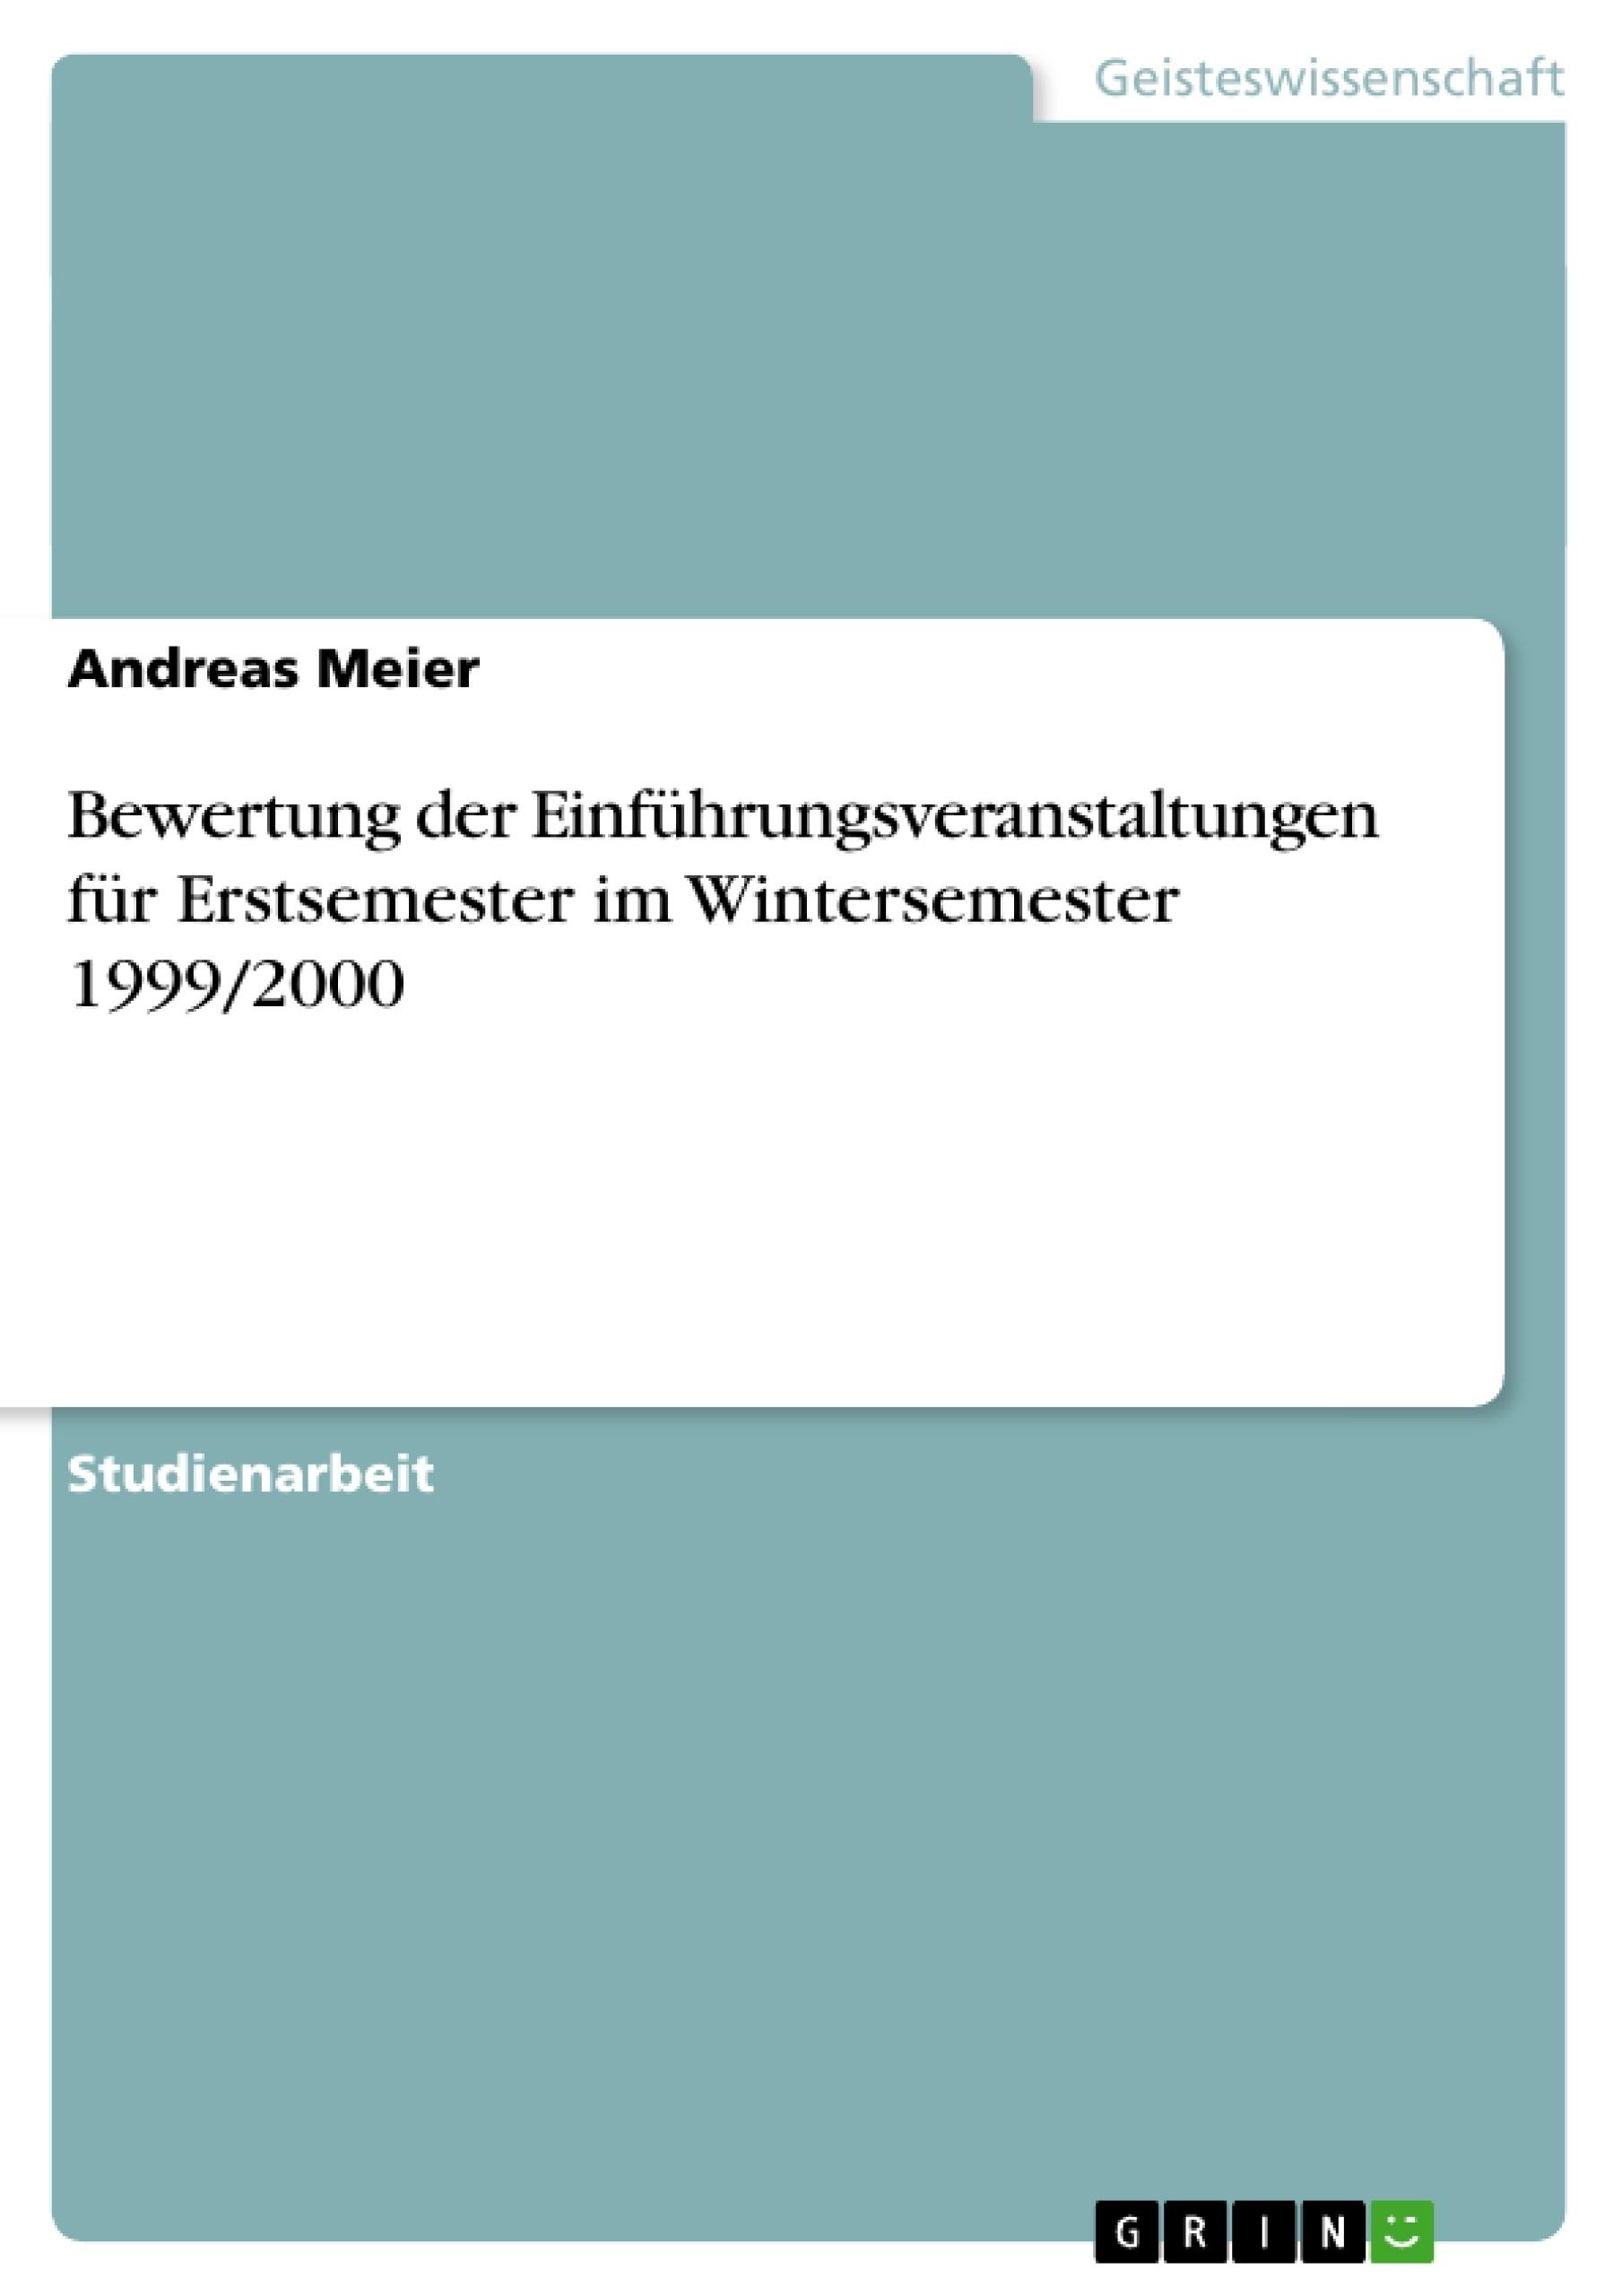 Titel: Bewertung der Einführungsveranstaltungen für Erstsemester im Wintersemester 1999/2000